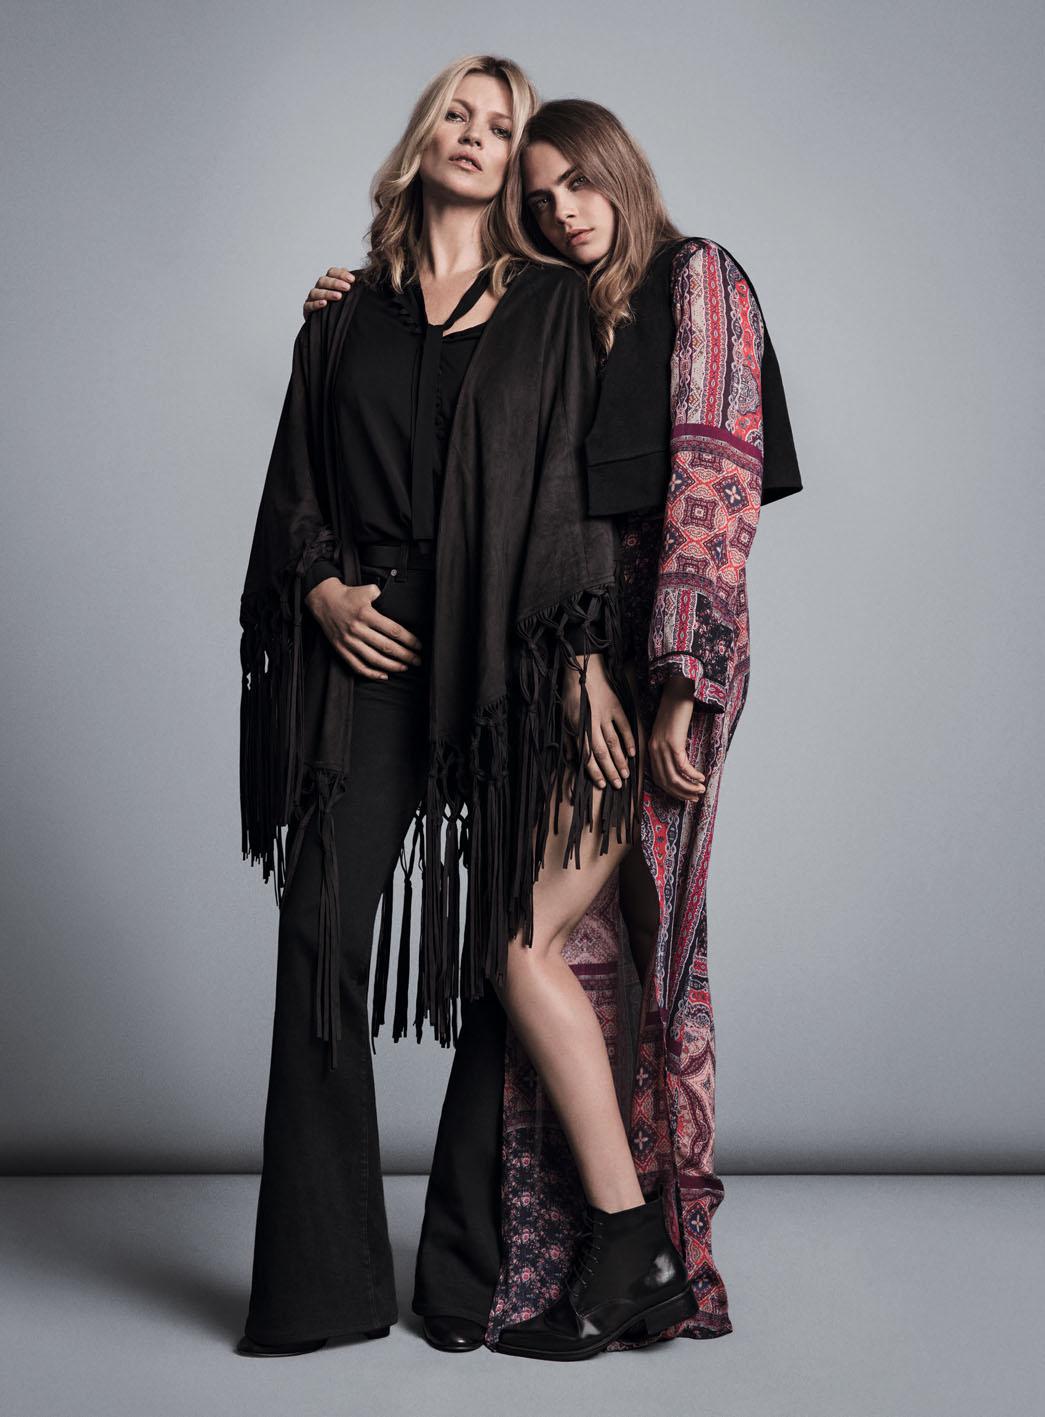 品牌形象以 #SOMETHINGINCOMMON (時尚共通性) 為主軸,透過凱特與卡拉「終極組合」,傳達出兩人那一份默契十足的互動情誼與獨特的時尚共通性。